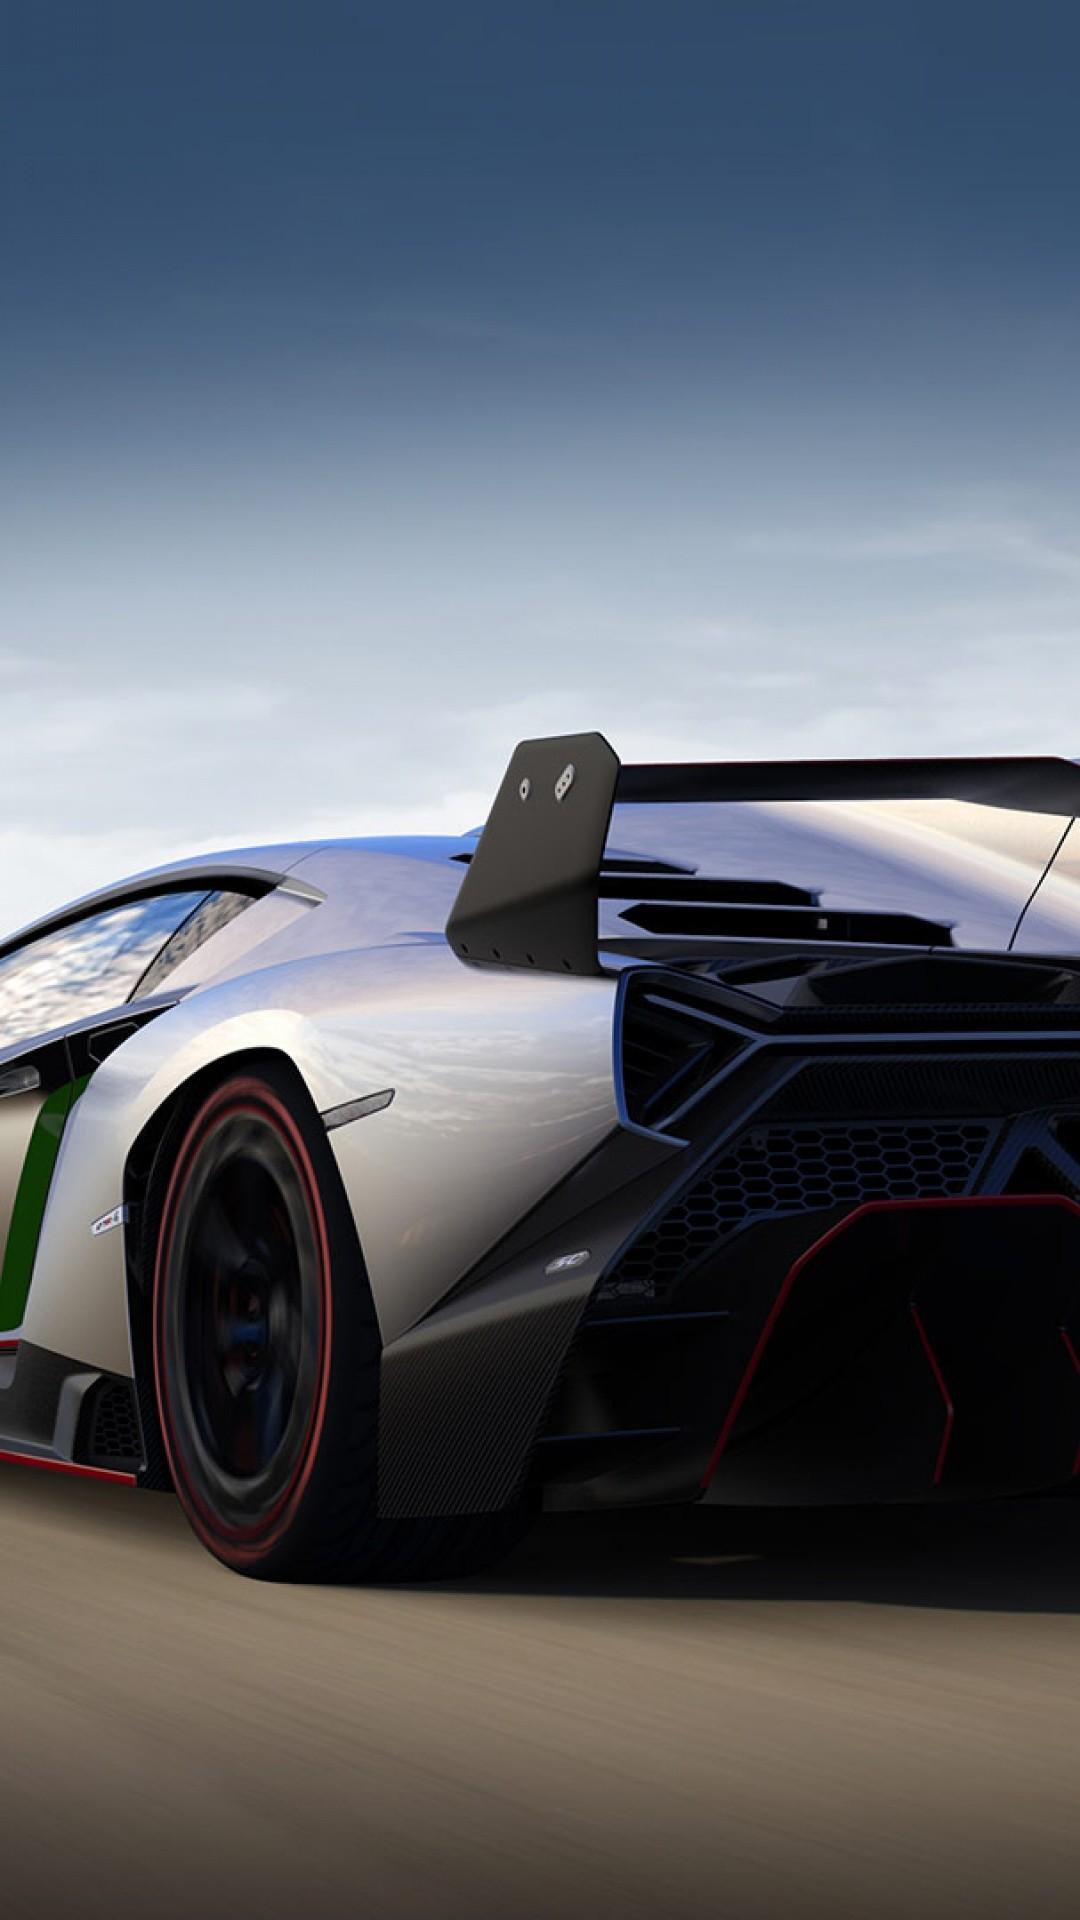 Lamborghini Veneno Iphone Wallpaper Auto Datz